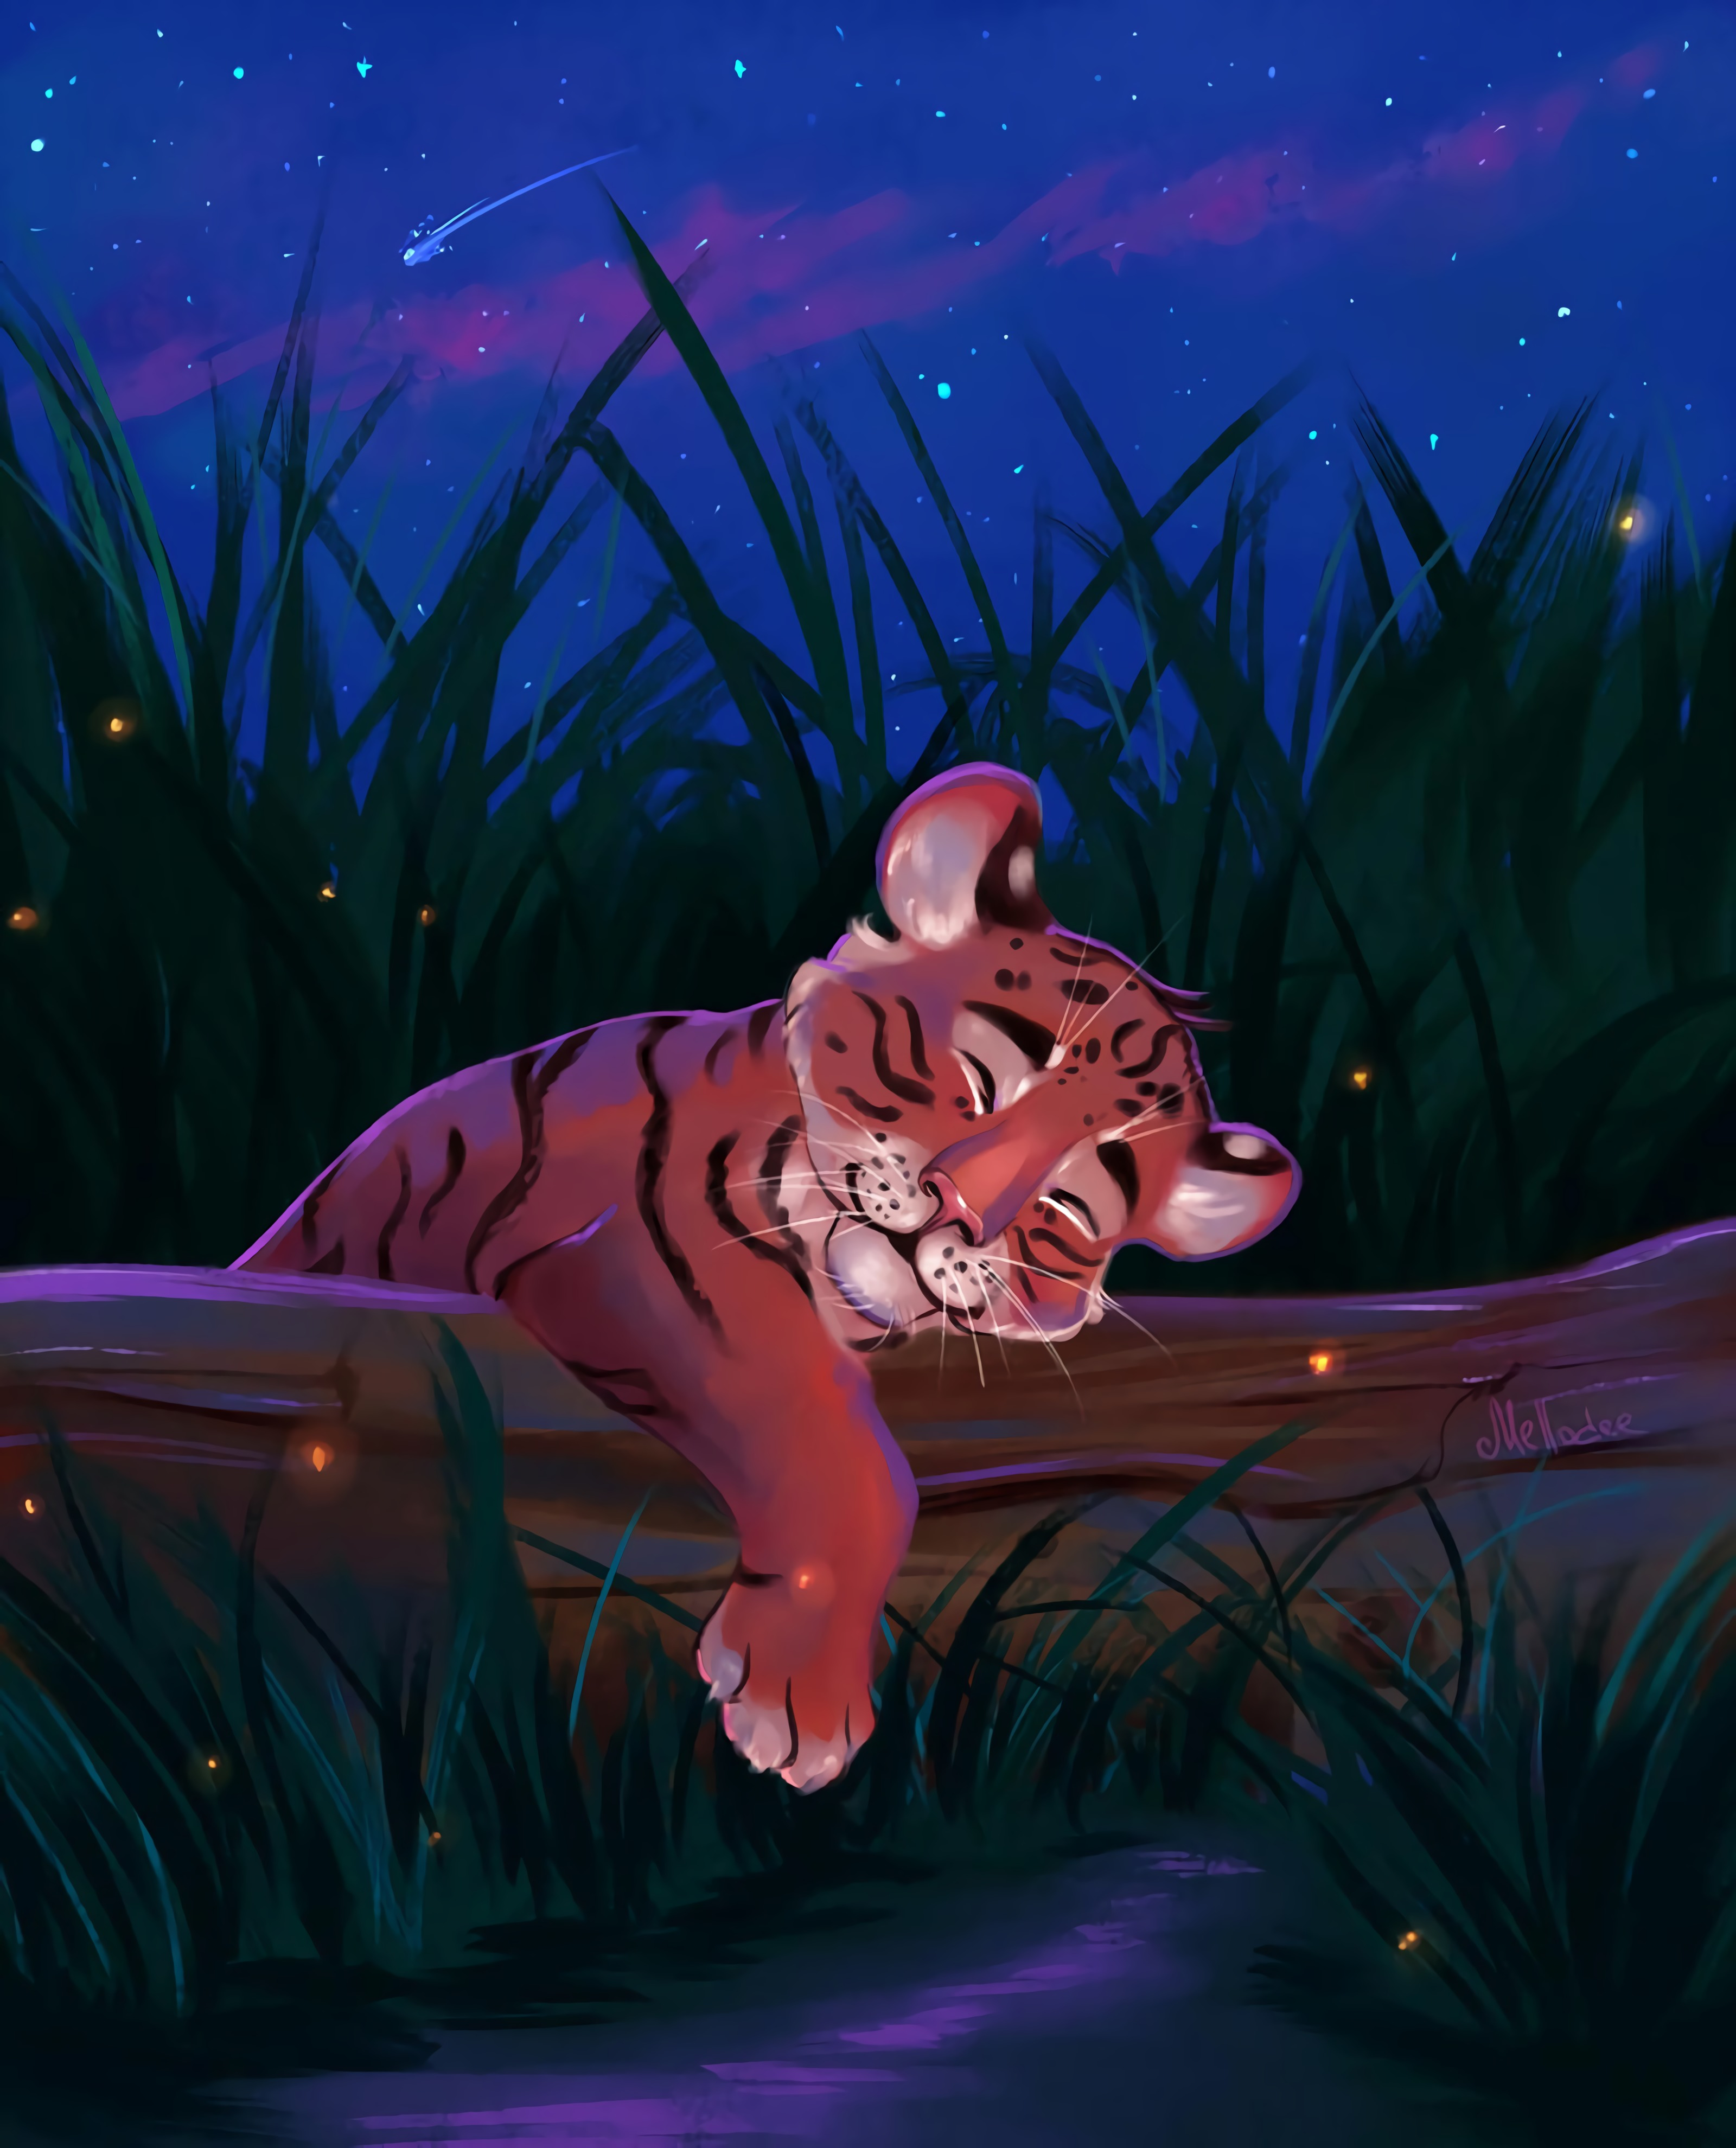 Beliebte Tiger Bilder für Mobiltelefone